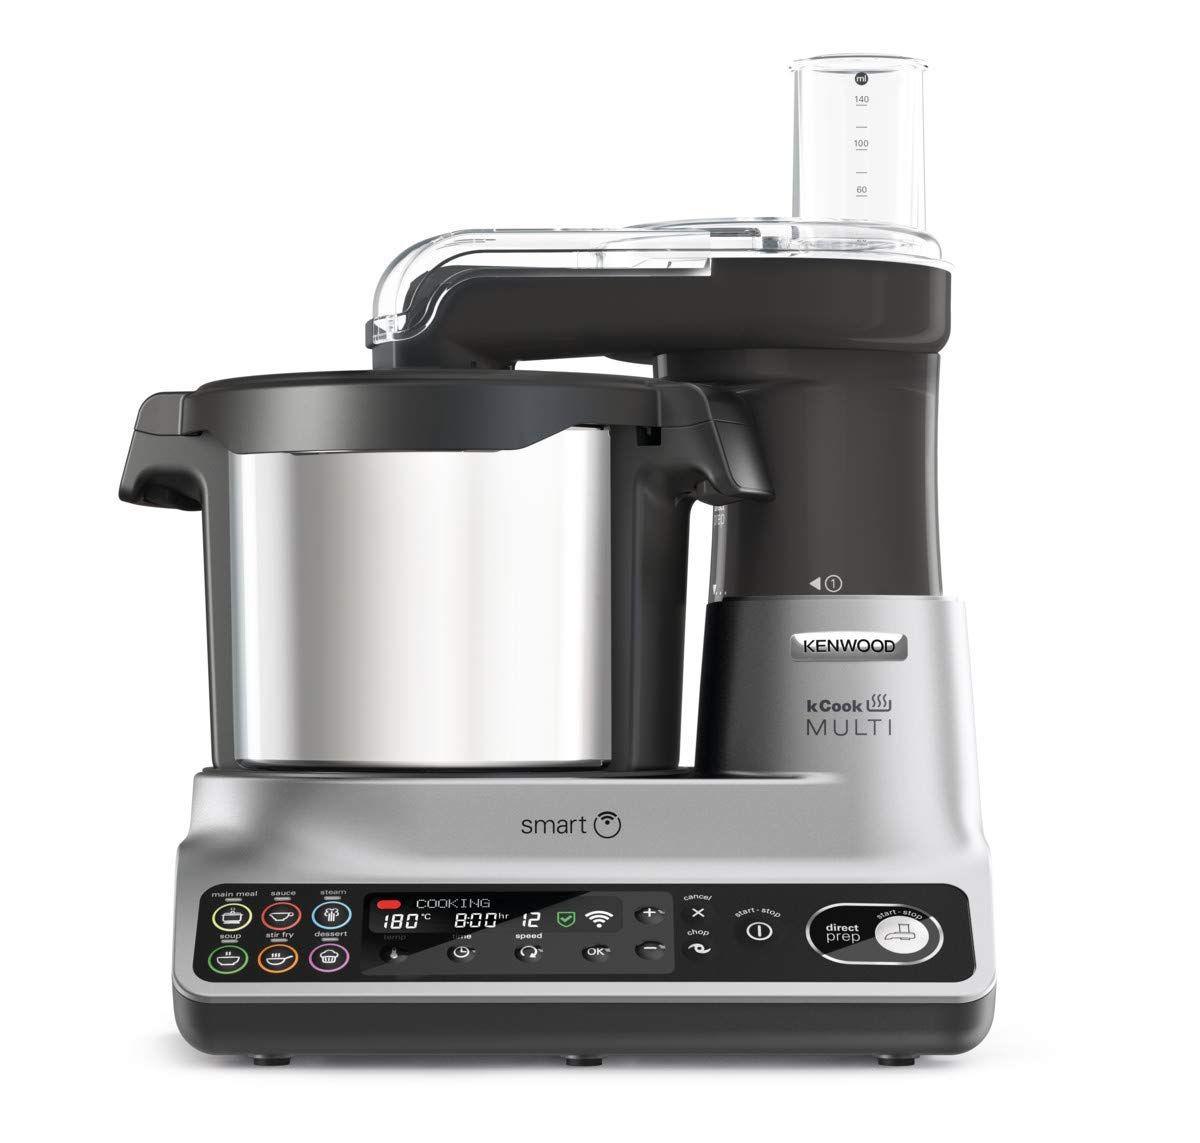 Kenwood kCook Multi Smart CCL456SI - Robot da Cucina con Funzione ...